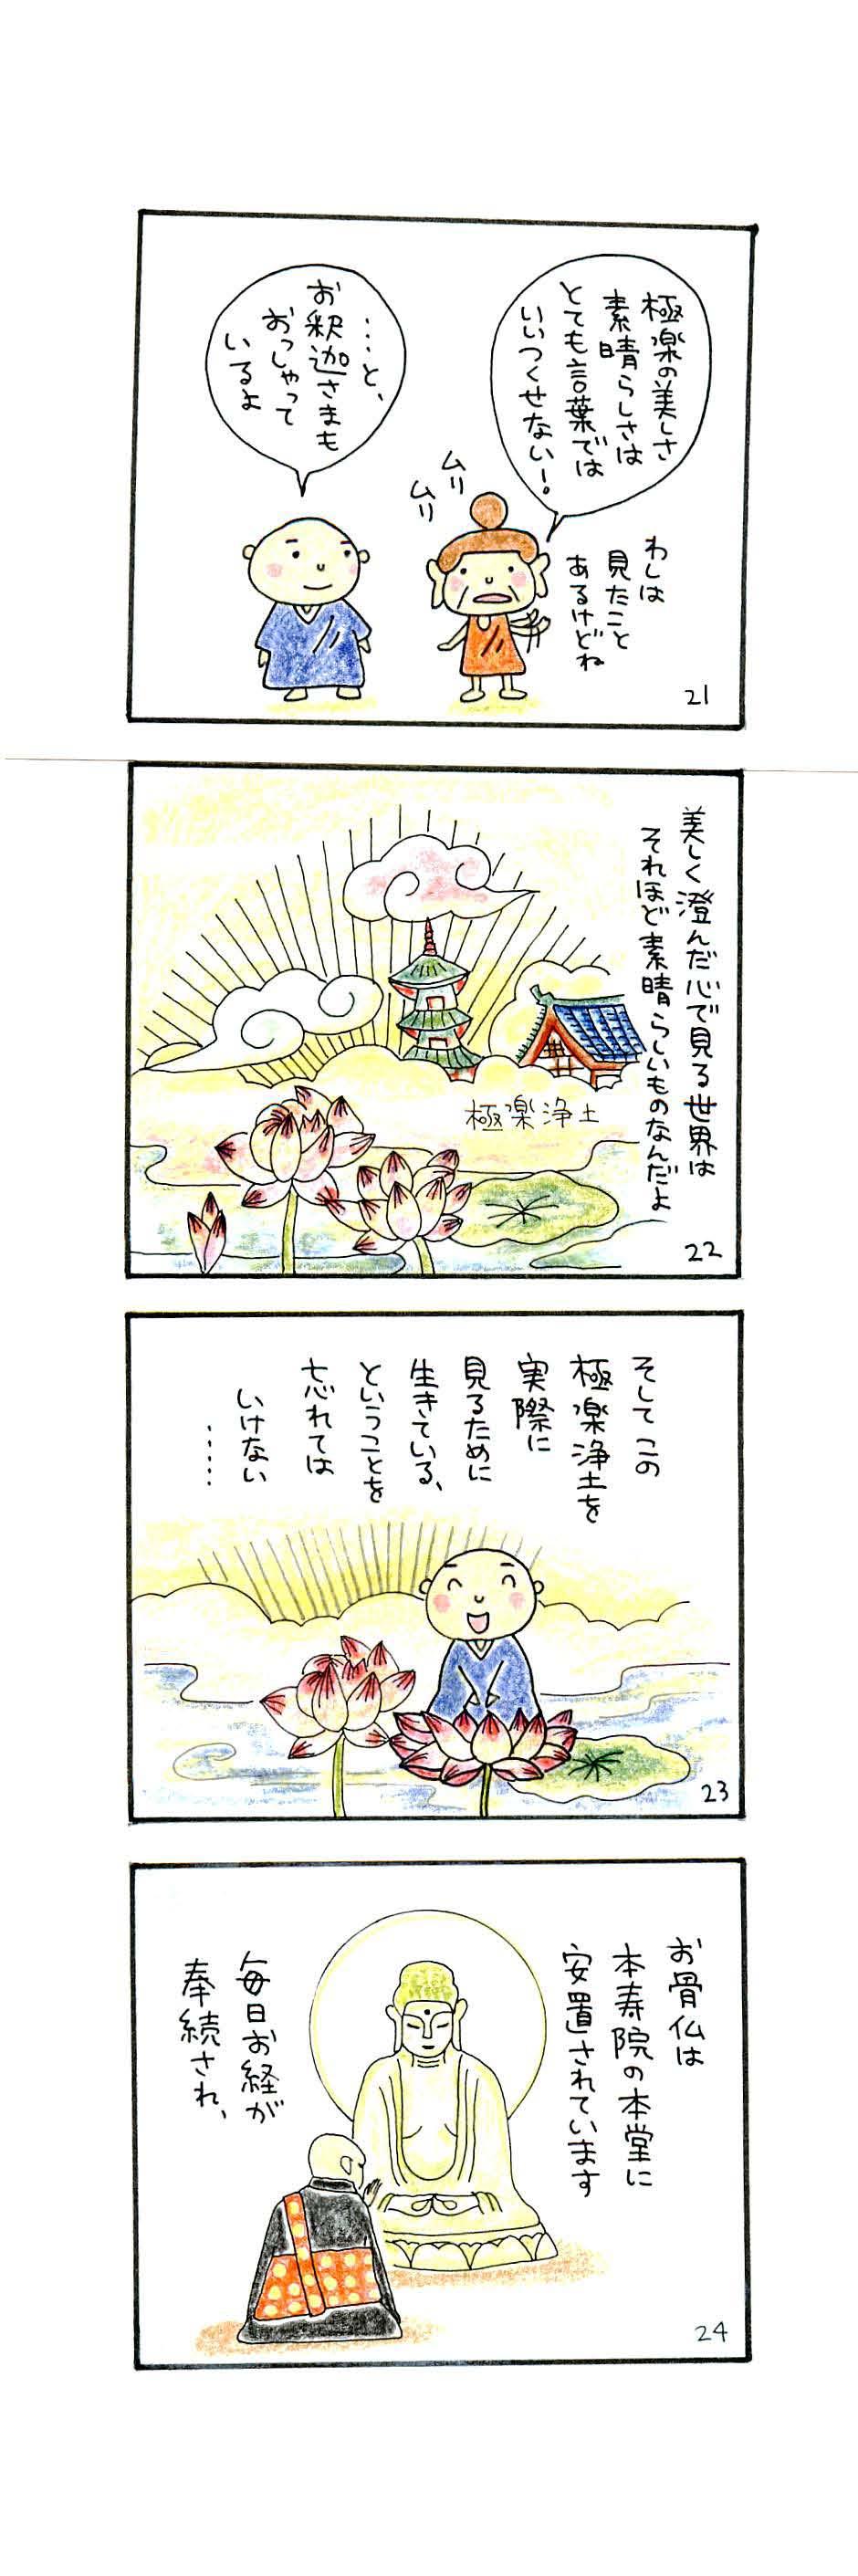 お骨仏まんが_ページ_09